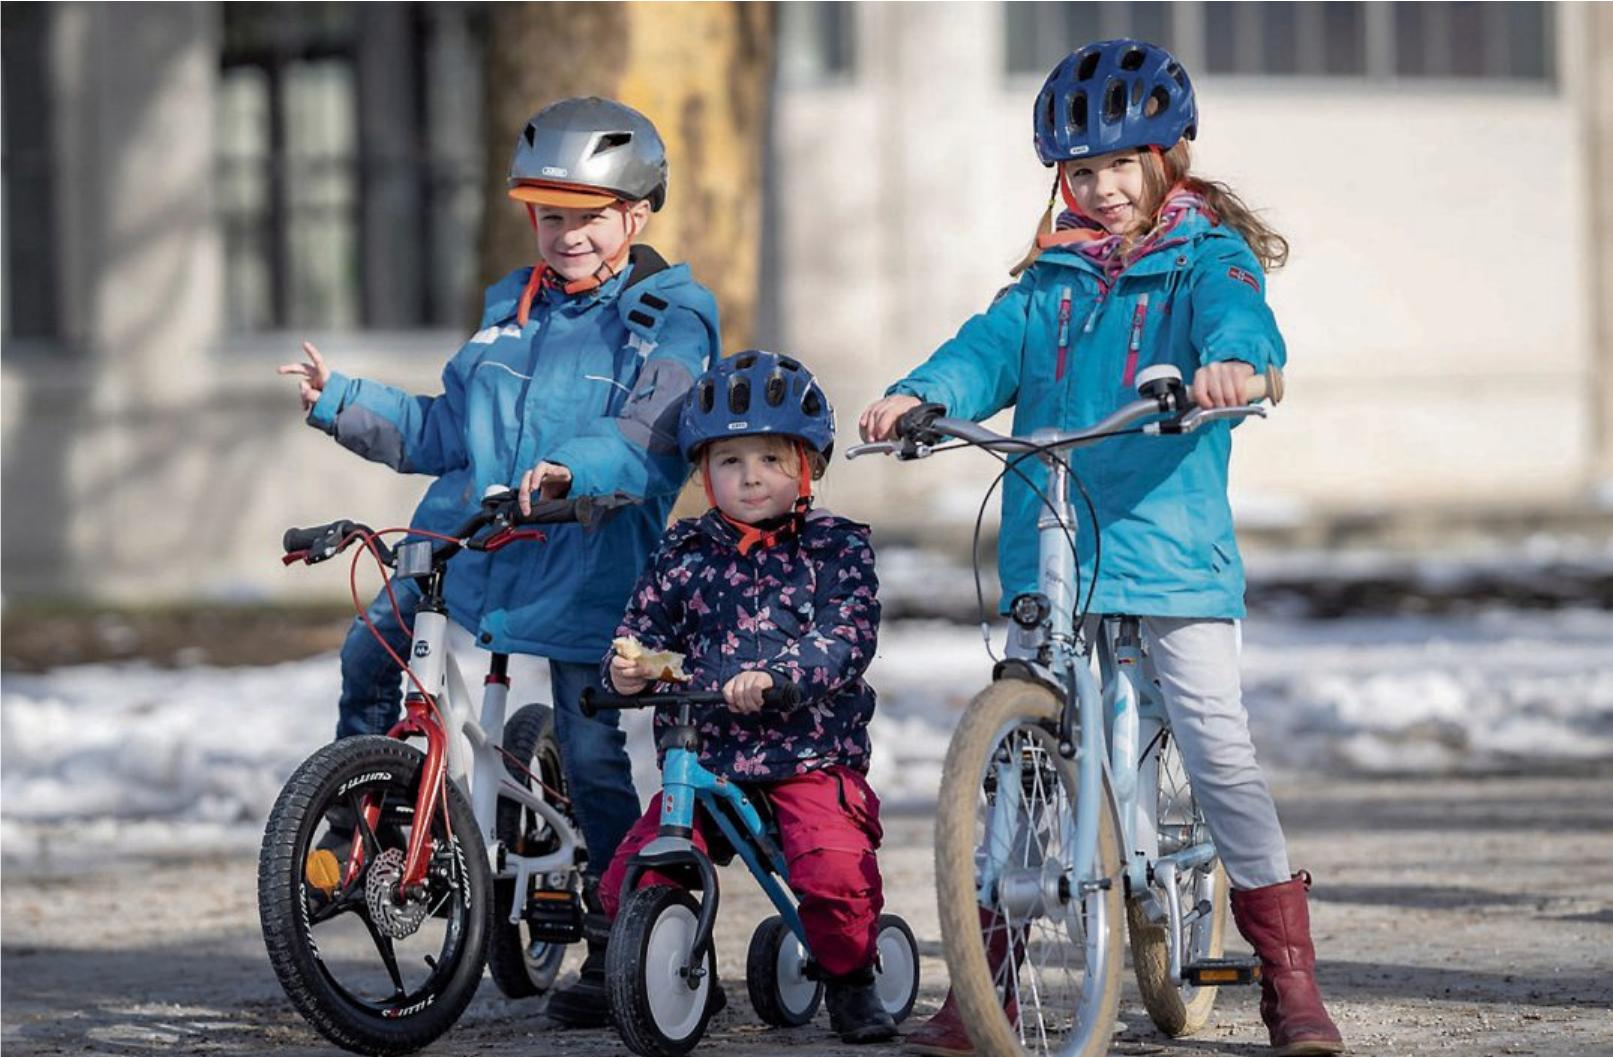 Für Kinder aller Größen findet sich mittlerweile das richtige Fahrzeug - vom Laufrädchen für erste Balancierversuche über sportliche Spielräder bis hin zum ersten Straßenrad für Schulanfänger. Bild: Pressedienst Fahrrad / Florian Schuh